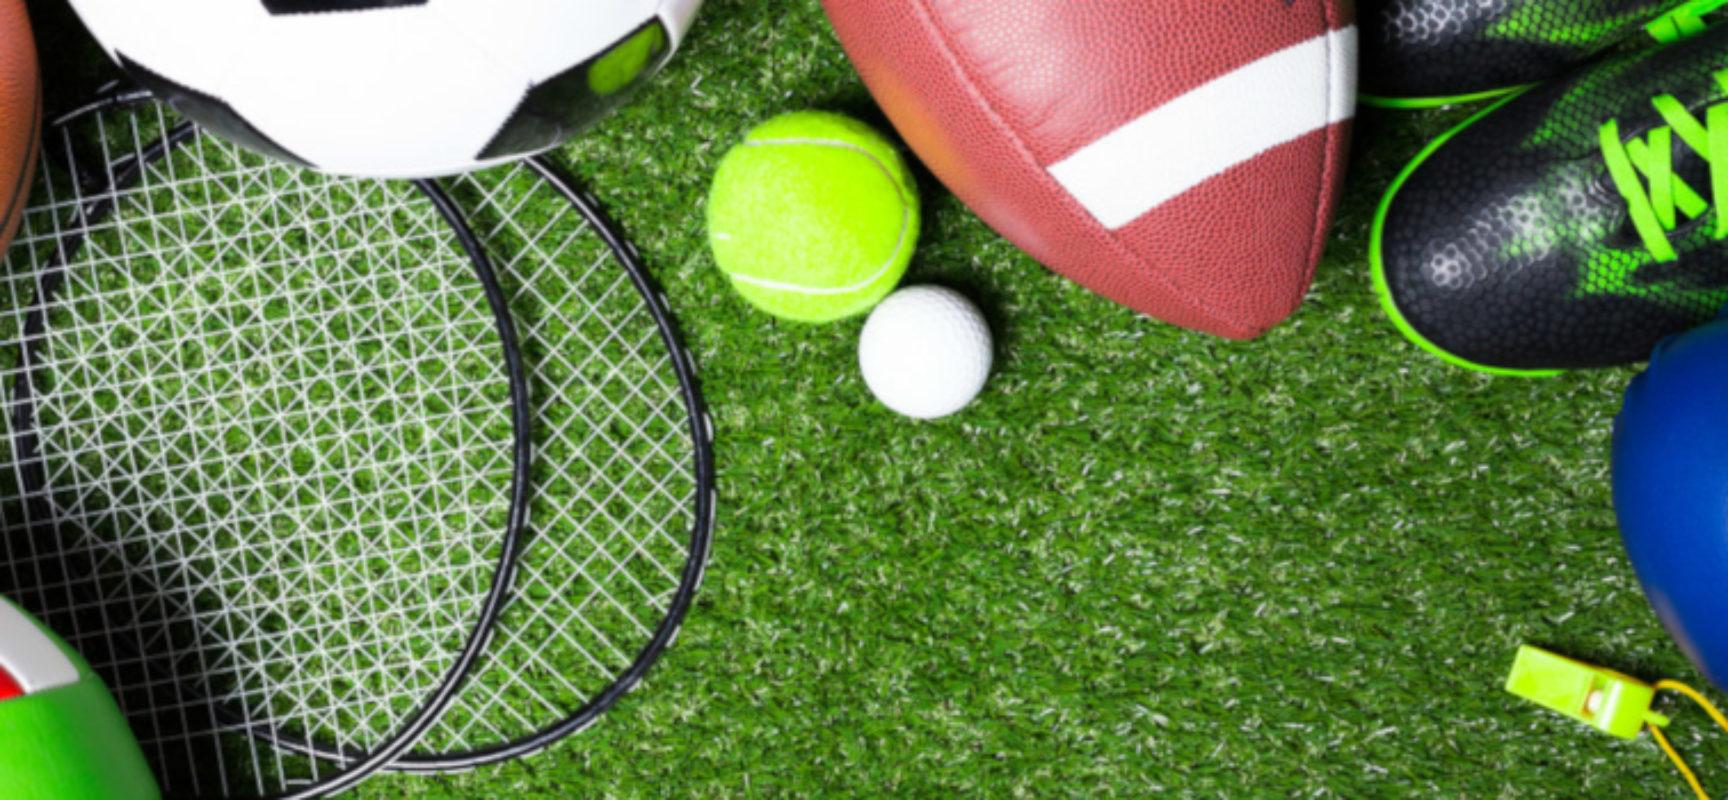 Unesco e Olimpiadi, iniziativa on line sul valore e sull'importanza dello sport